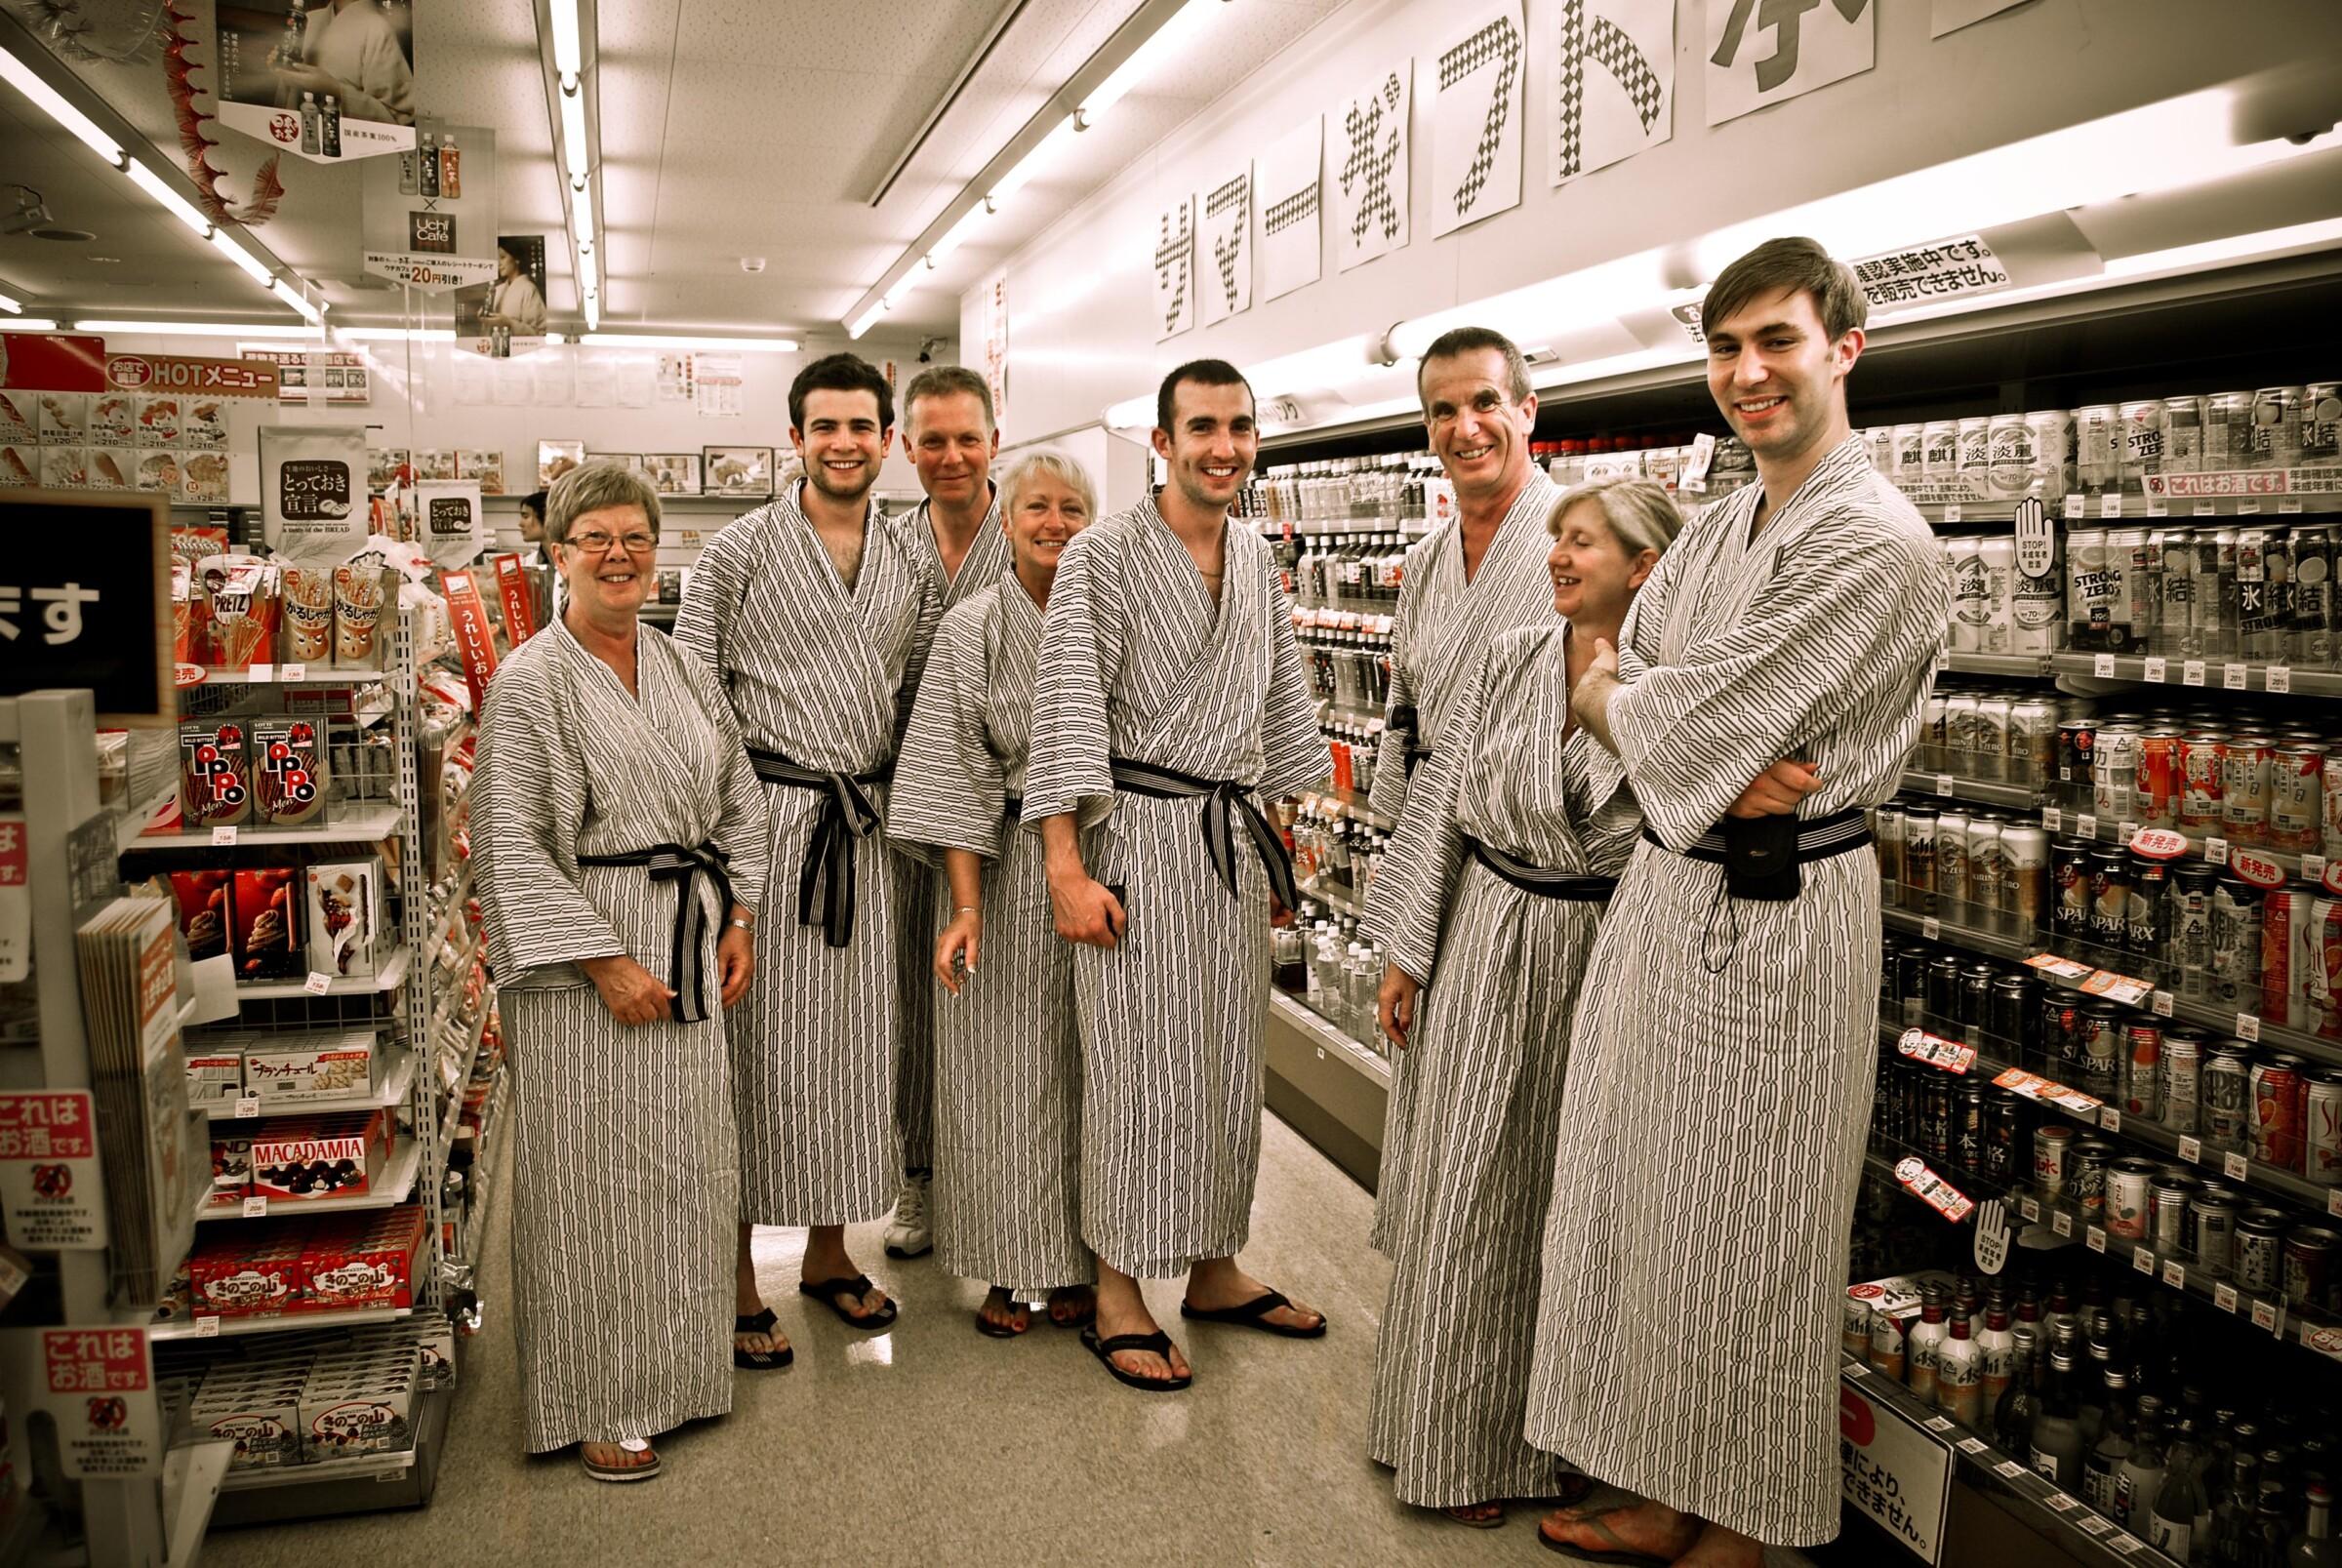 An InsideJapan tour group wearing yukata robes